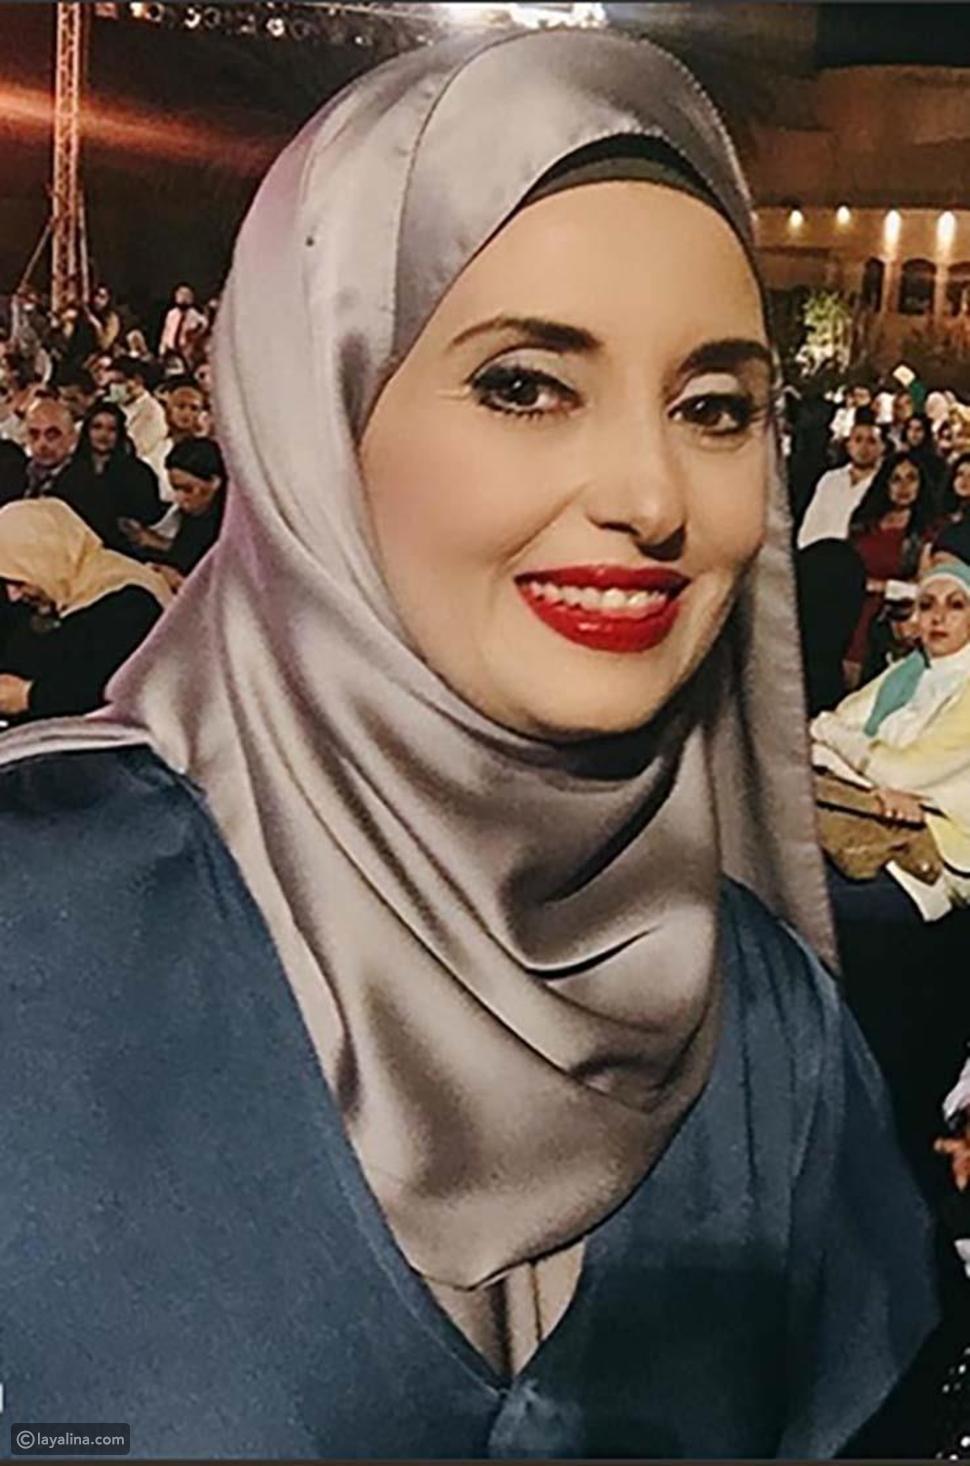 يوم الحجاب العالمي: فنانات ارتدين الحجاب واعتزلن نهائياً